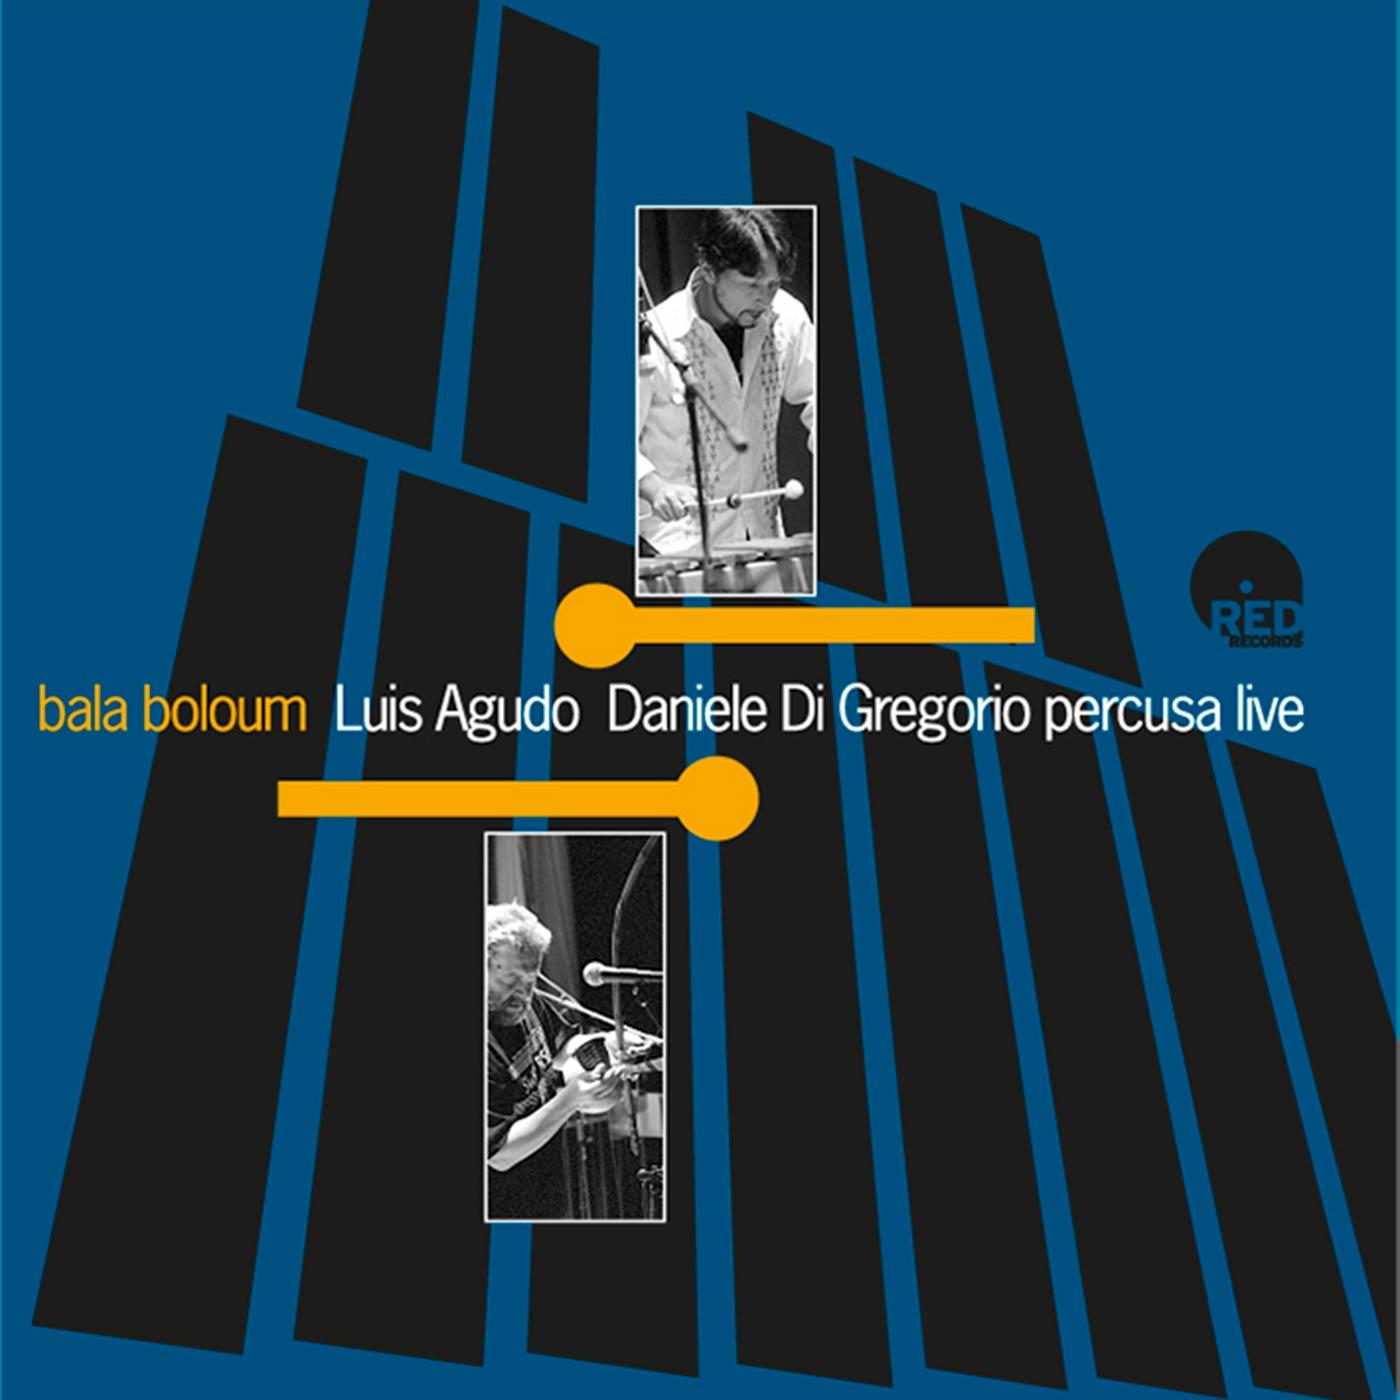 Bala Boloum - Luis Agudo & Daniele Di Gregorio Percusa Live